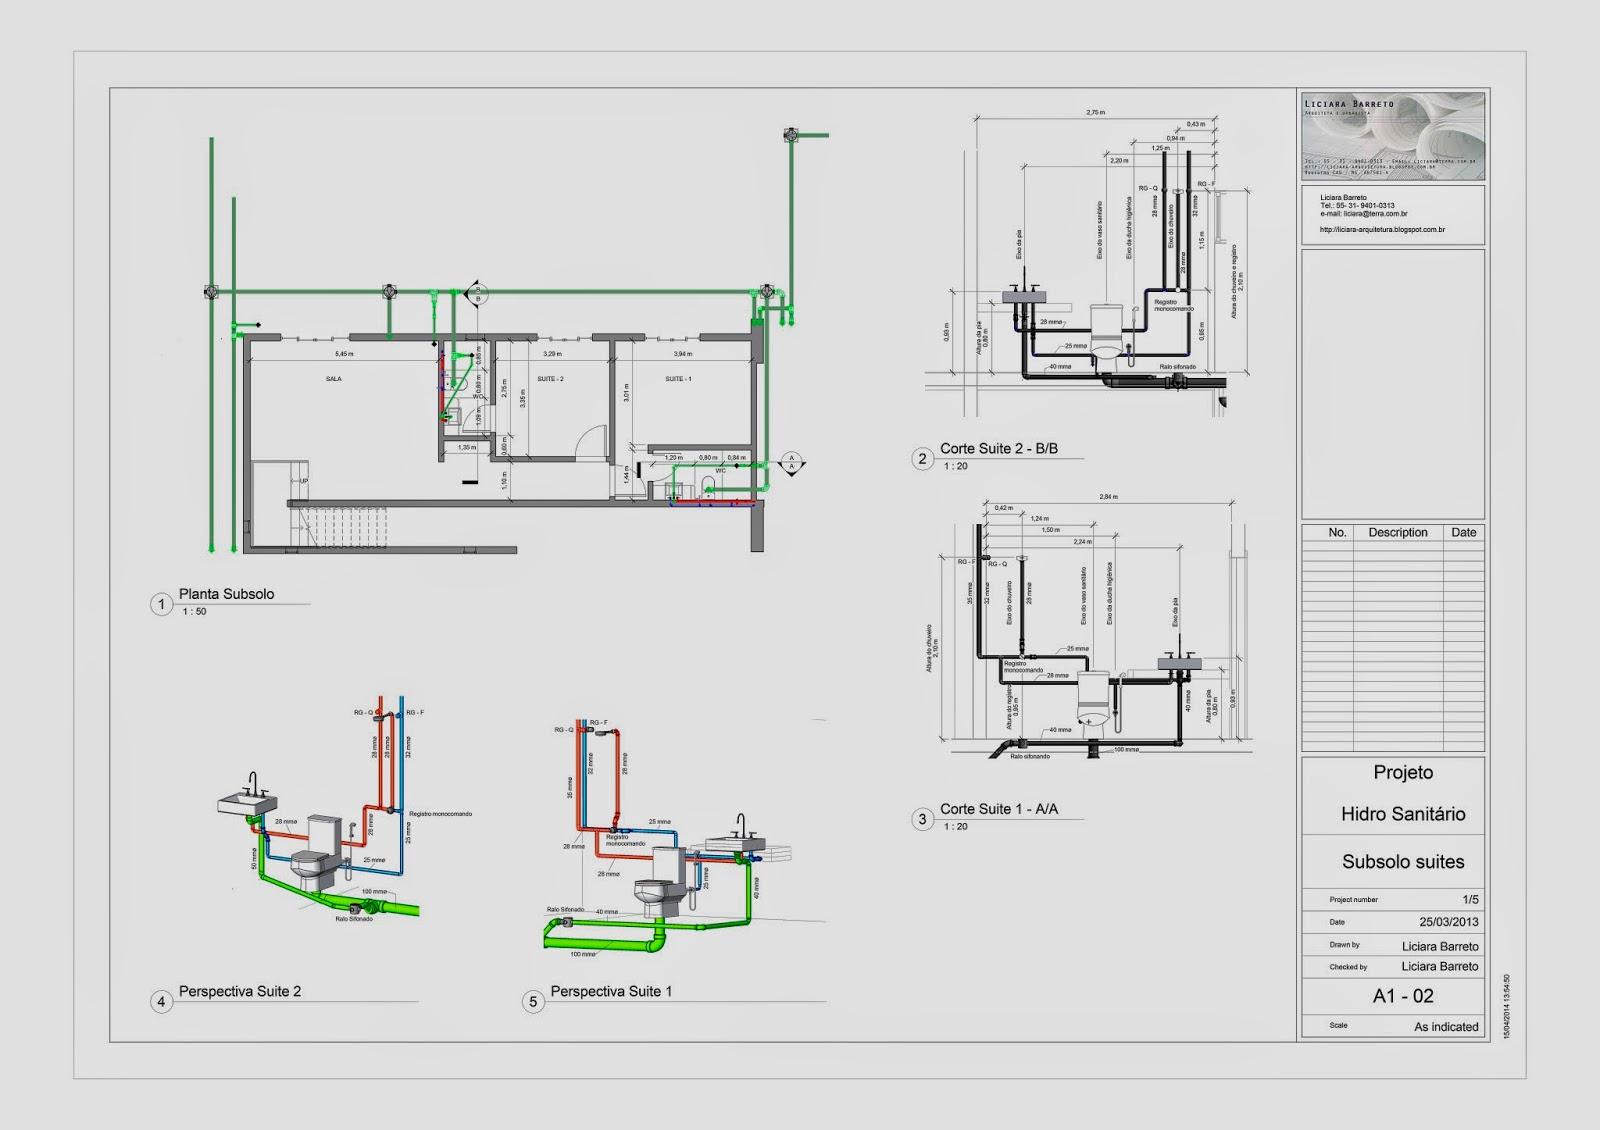 Liciara Barreto Projetos Arquitetônicos #3DB714 1600 1130